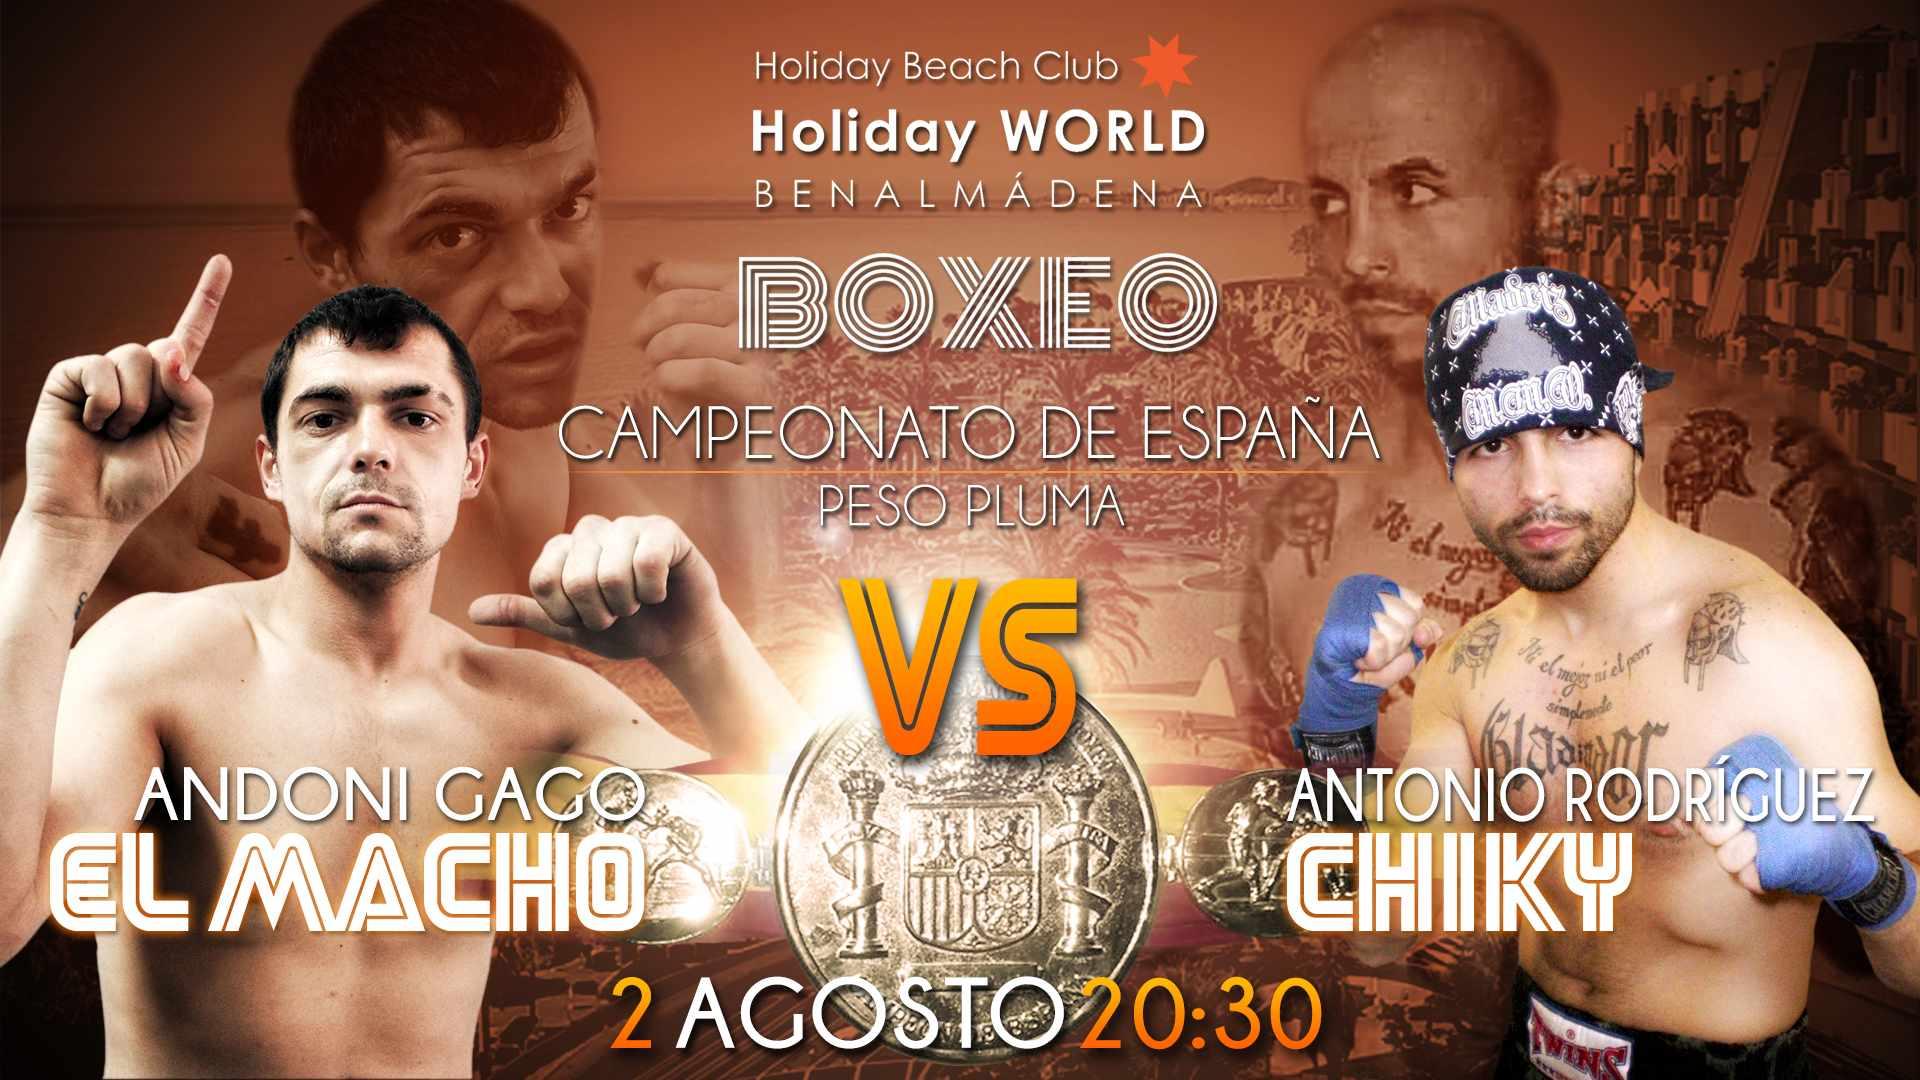 Los boxeadores Andoni Gago y Antonio Rodríguez disputan el campeonato español del peso pluma el 2 de agosto en Holiday World Hoteles de Benalmadena el 2 de agosto de 2014